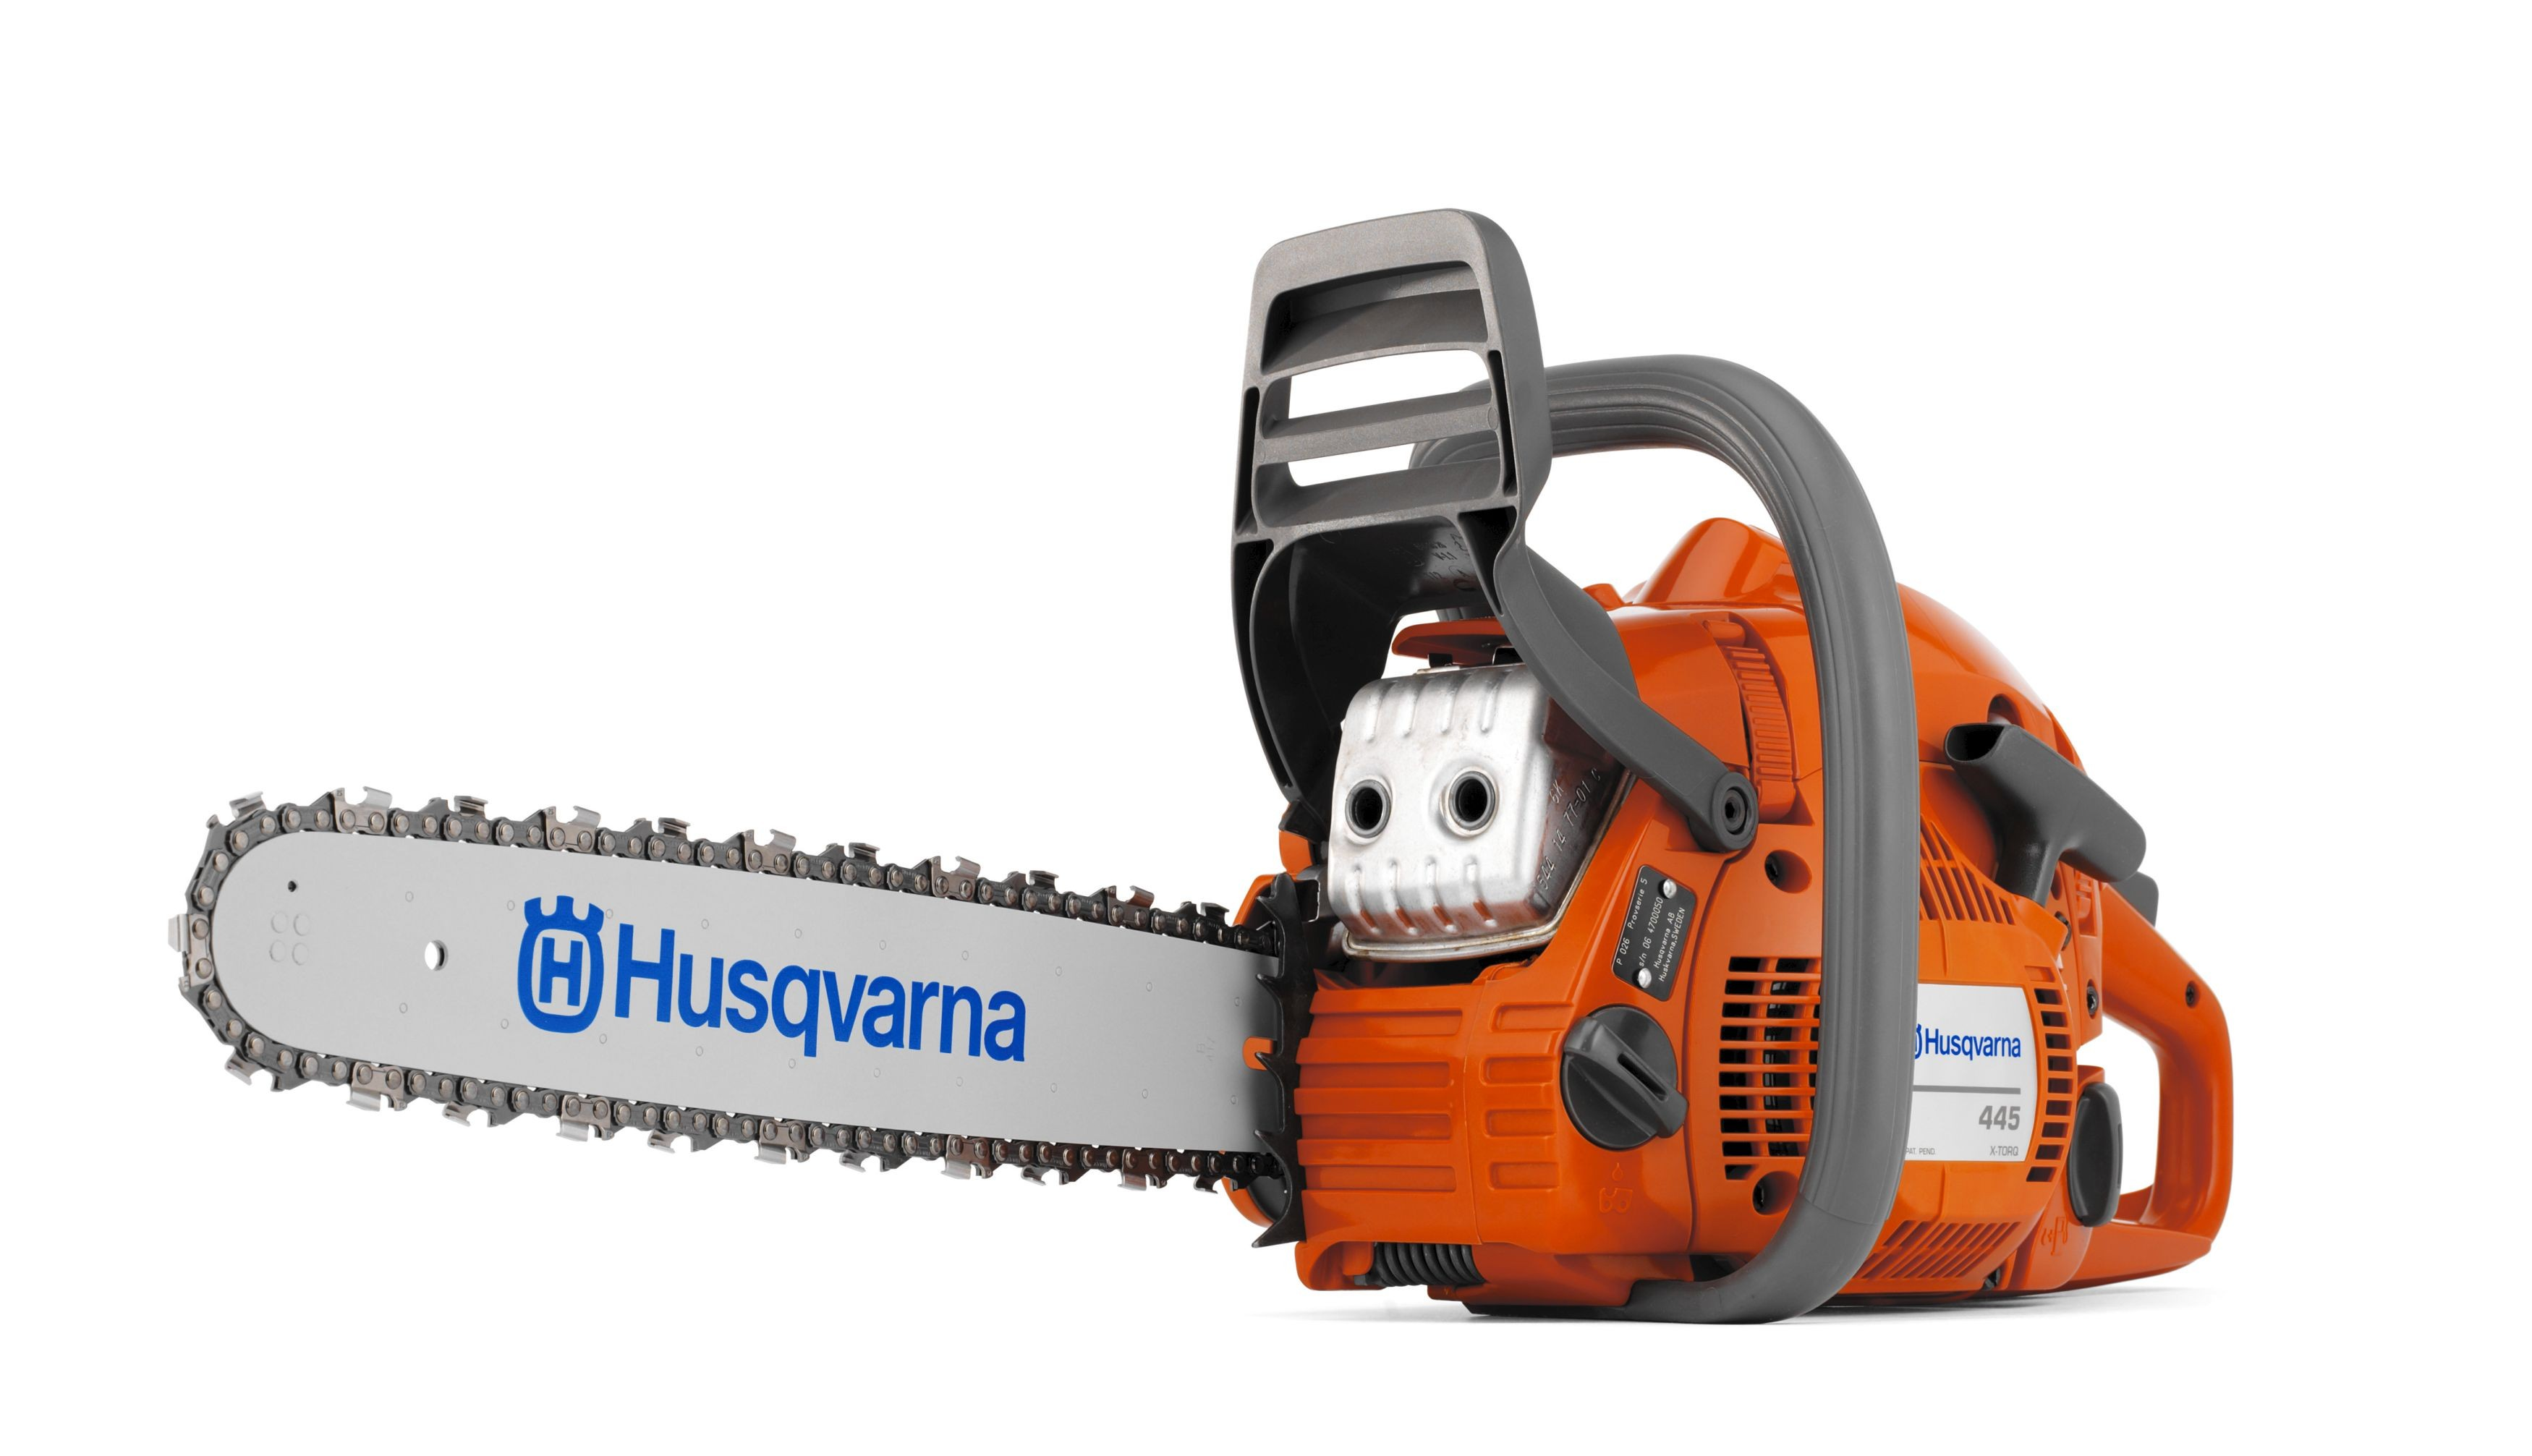 HUSQVARNA 445